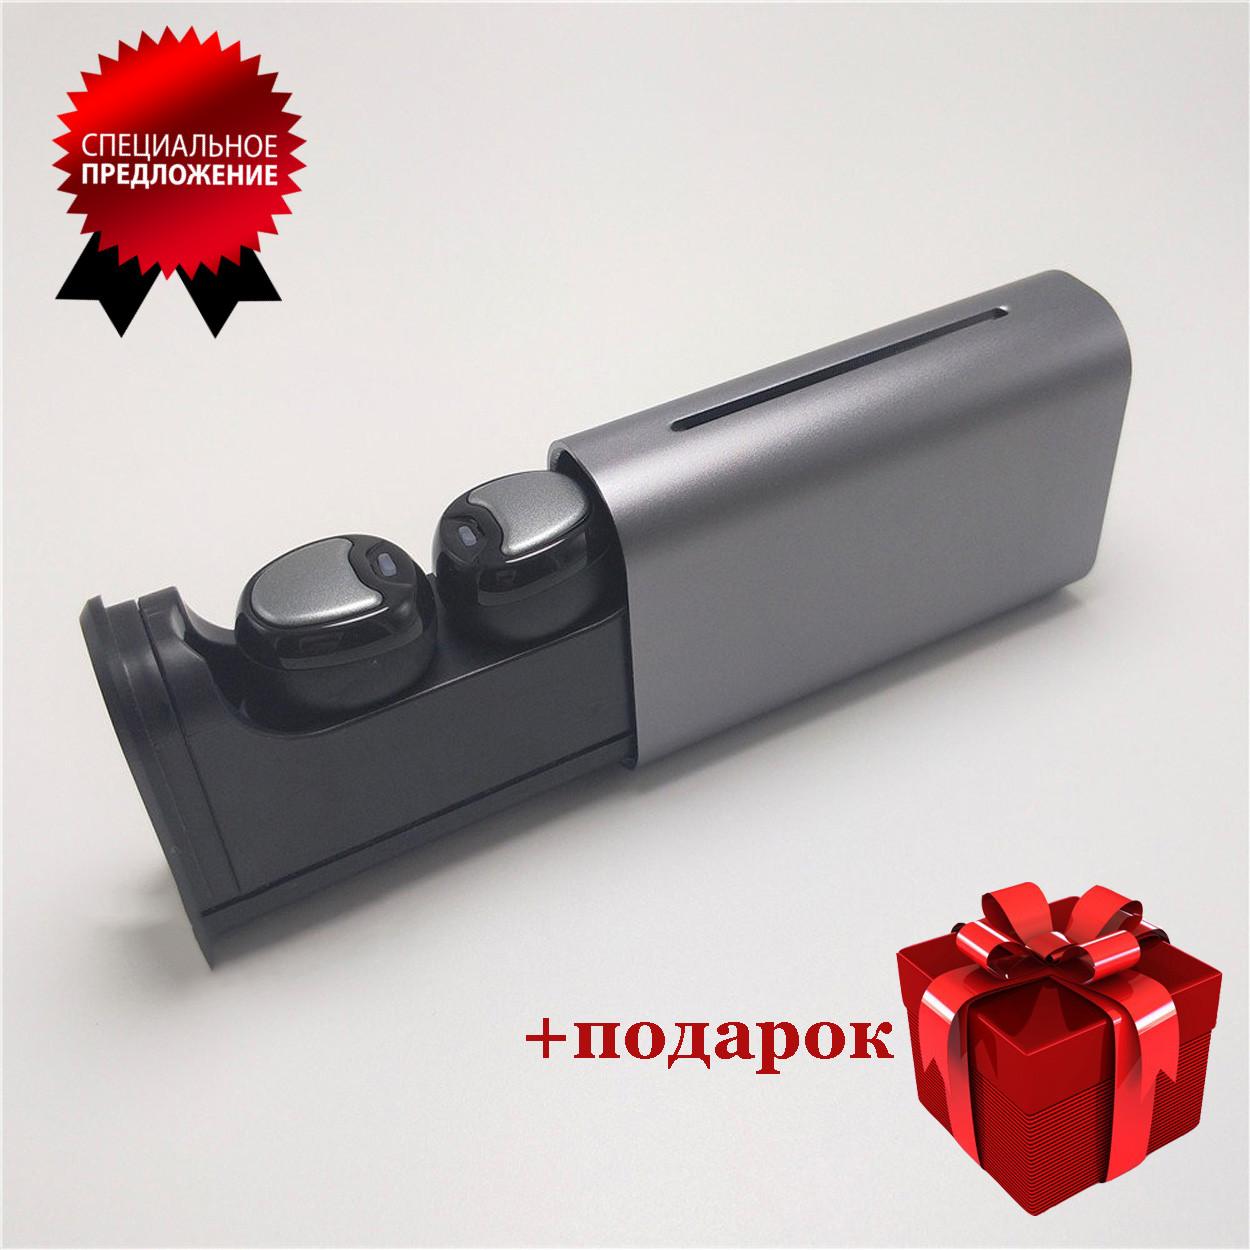 Беспроводные наушники блютуз гарнитура Bluetooth наушники 5.0 Wi-pods G1 ОРИГИНАЛ  с кейсом Power Bank